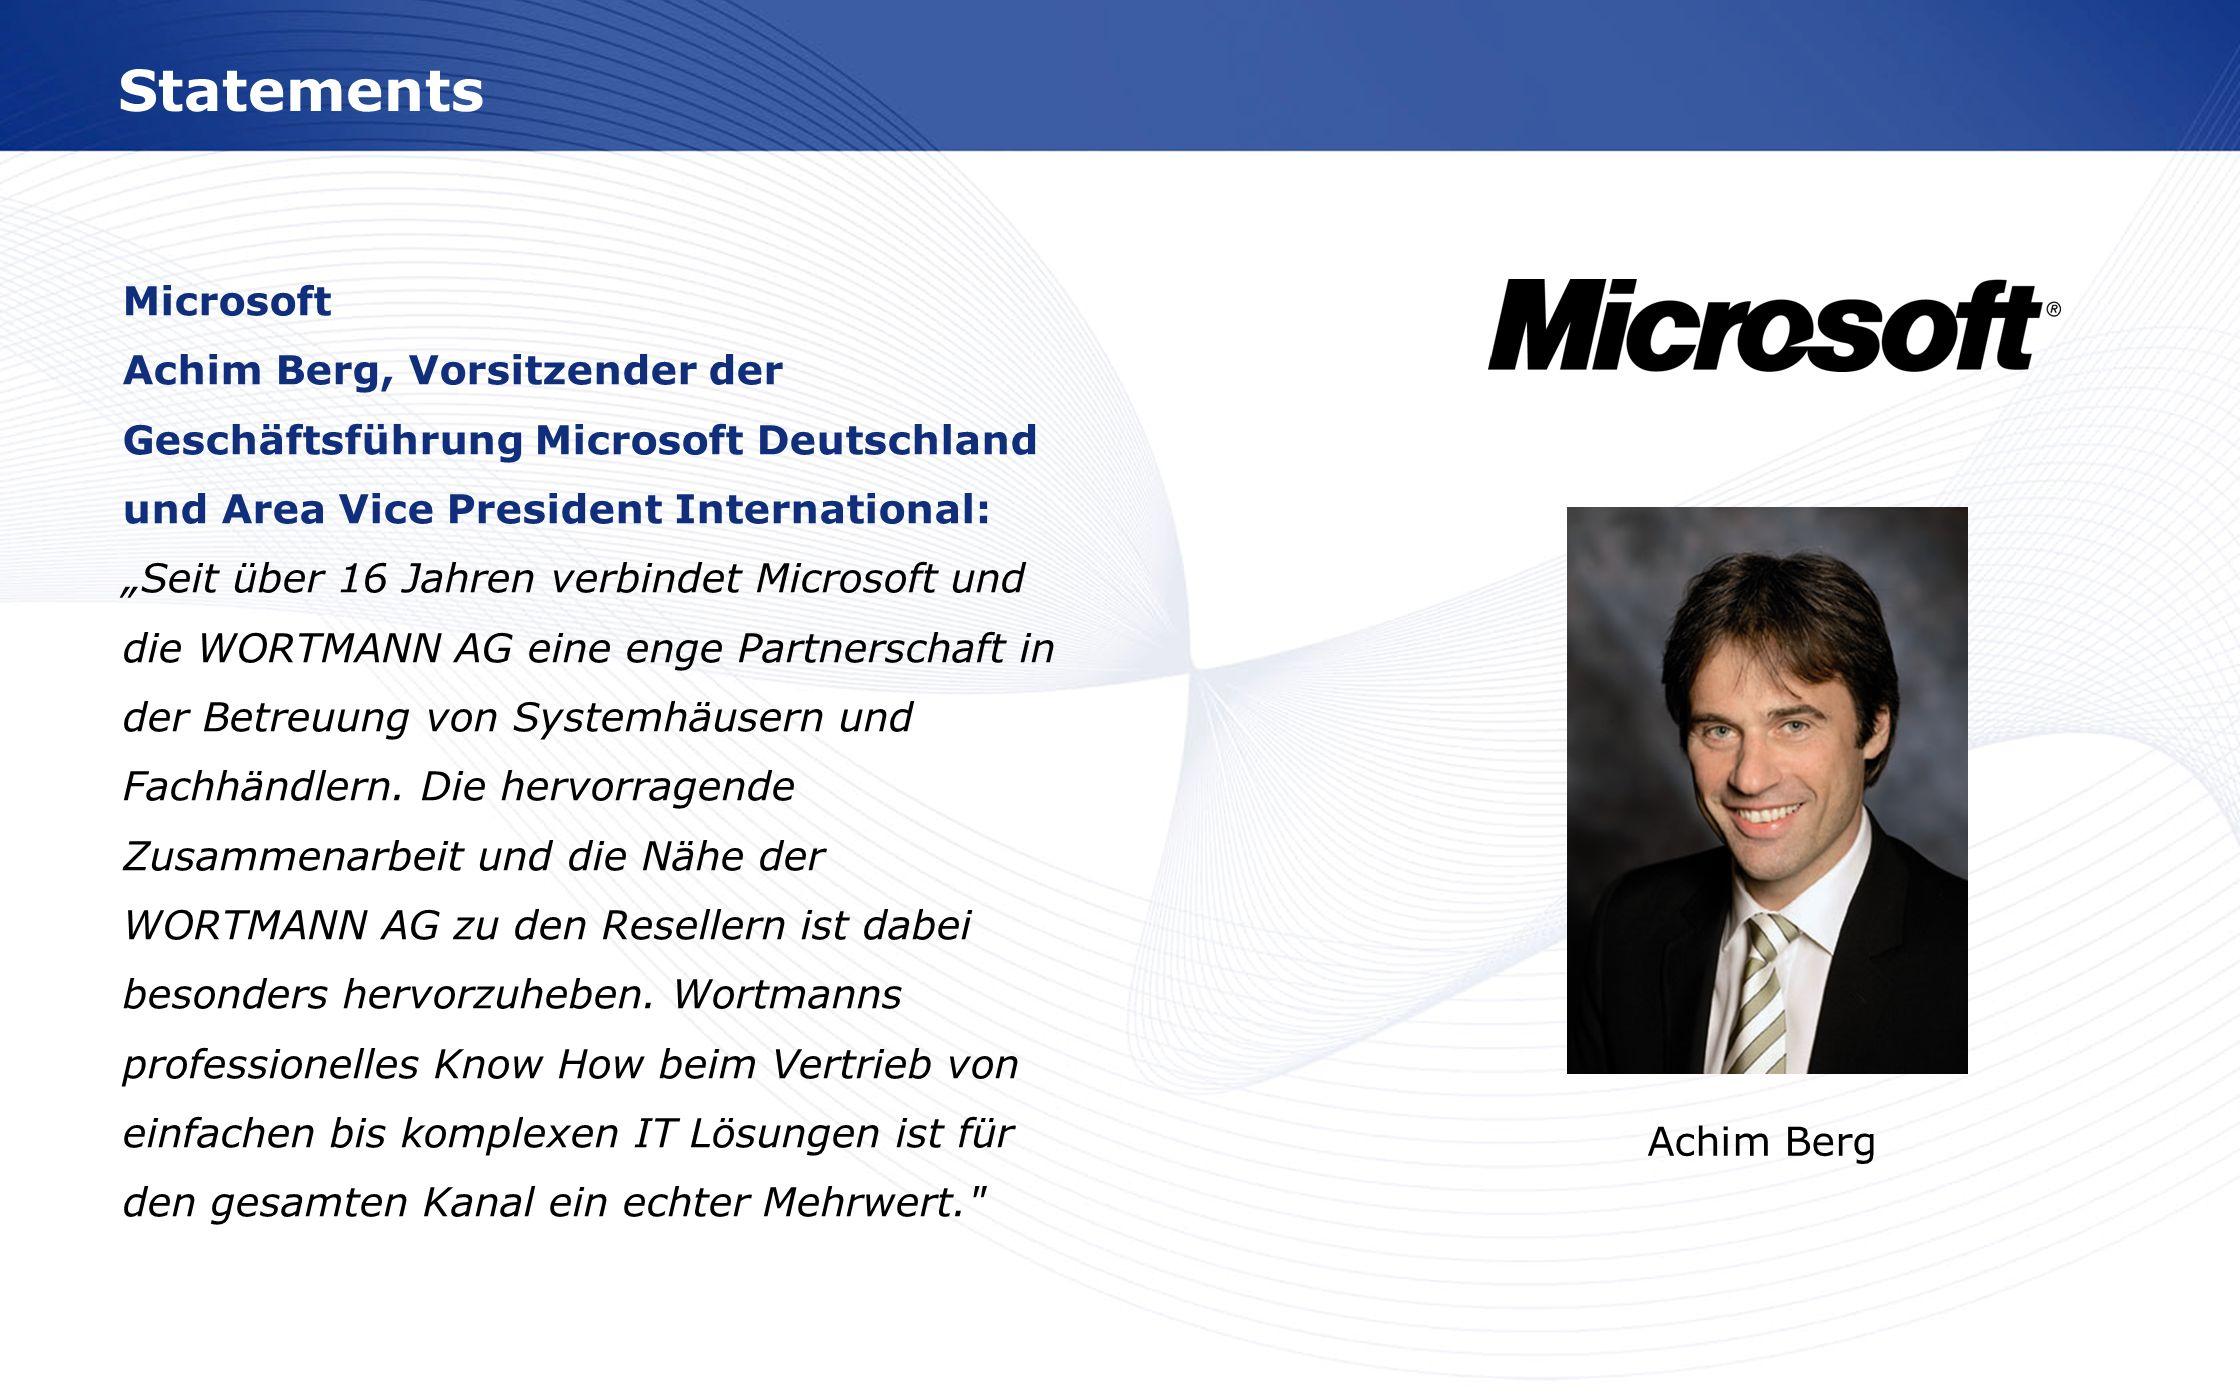 Statements Microsoft Achim Berg, Vorsitzender der Geschäftsführung Microsoft Deutschland und Area Vice President International: